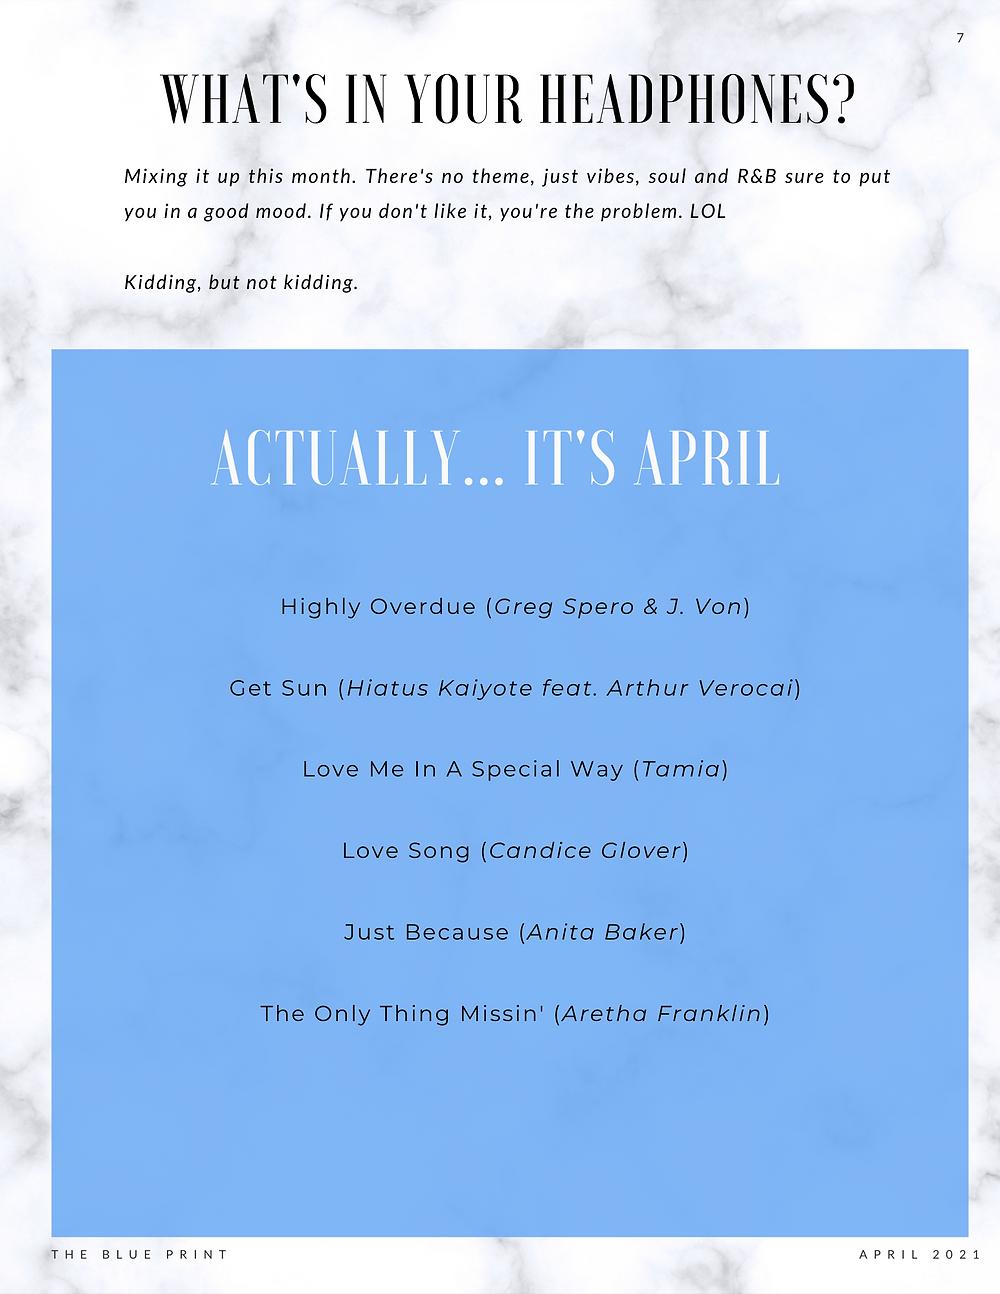 The Blue Print | April 2021 | Actually April Playlist